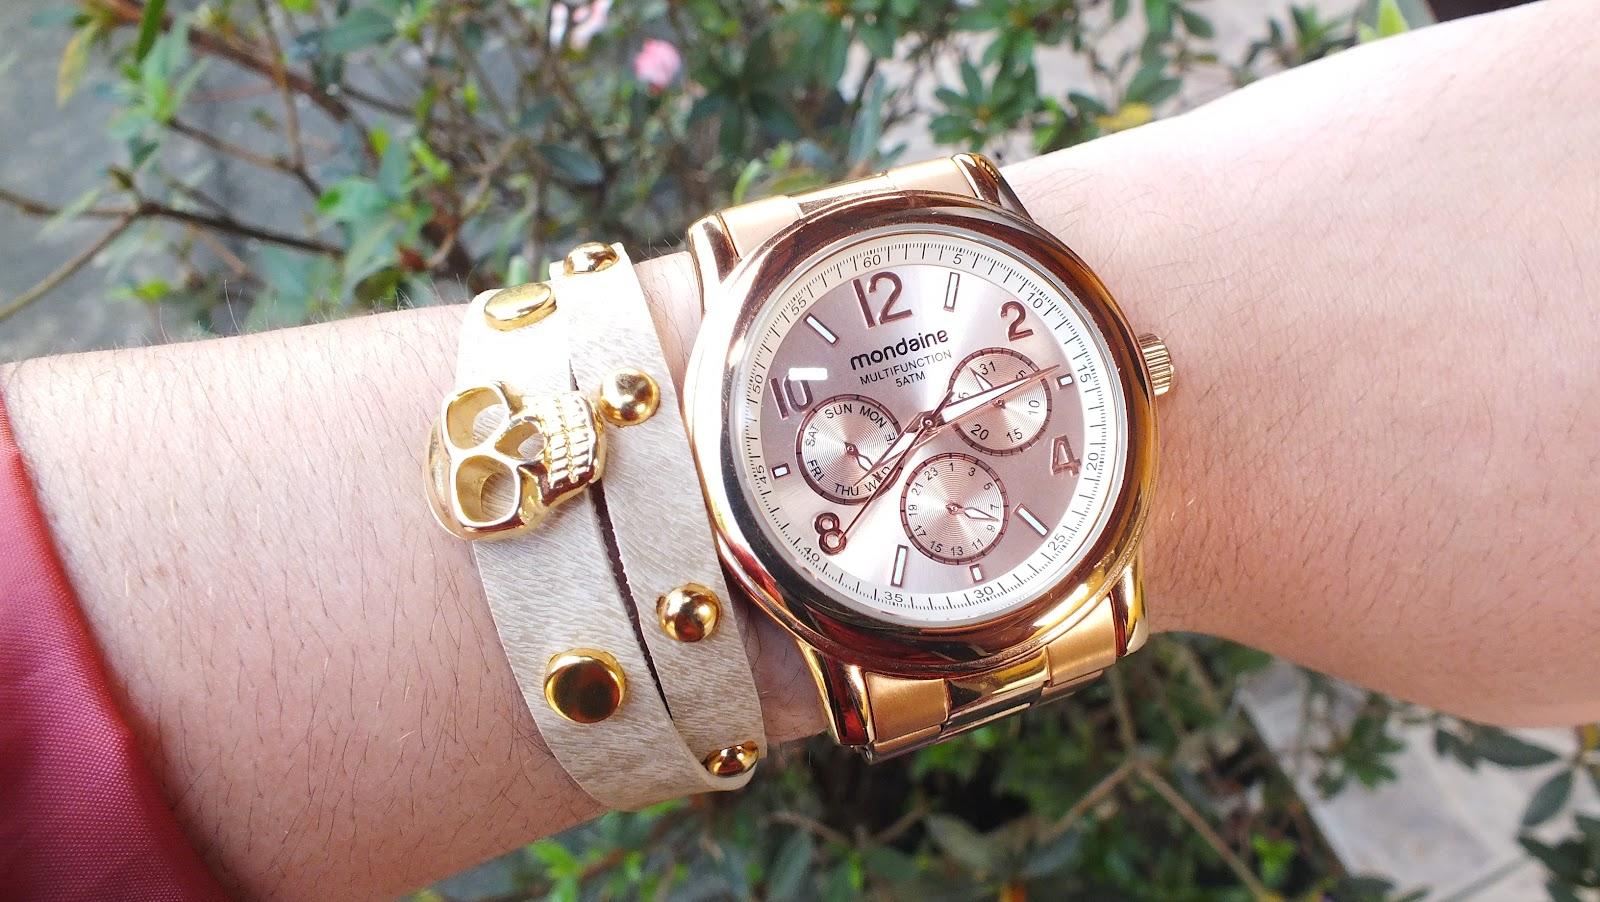 326993ee007 O relógio é da Mondaine e a pulseira foi adquirida em uma feirinha. Comprei  na cor creme pq combina com ...